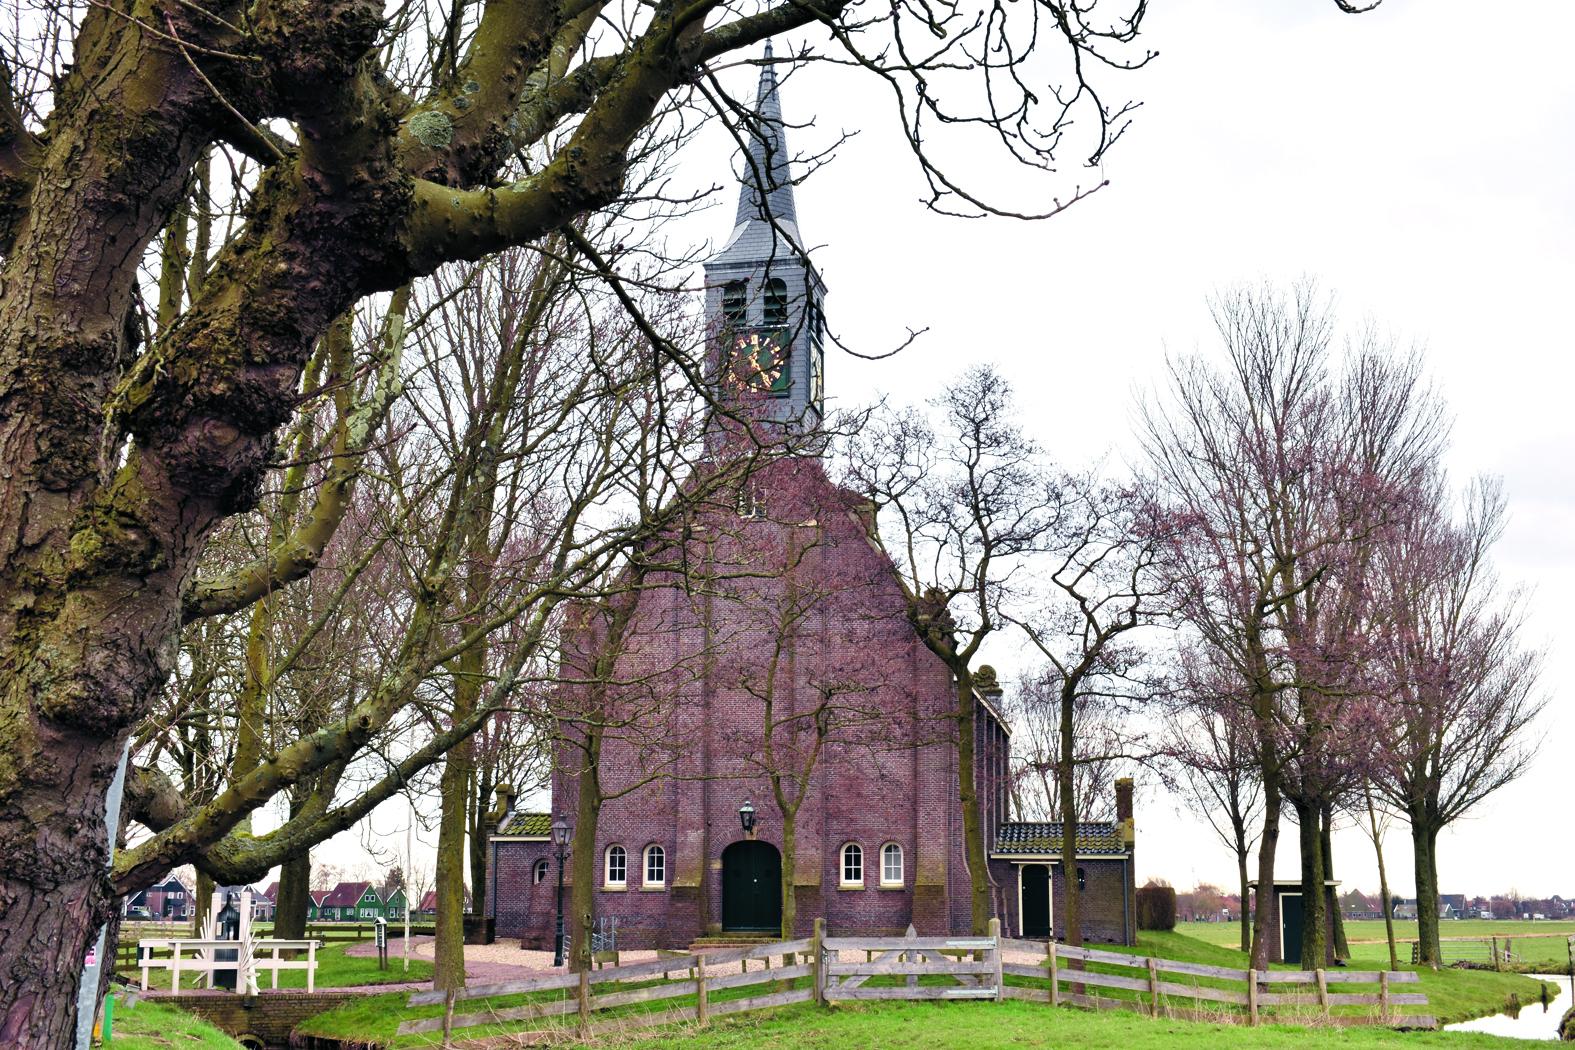 De kerk van Krommeniedijk. (Foto: Daan Ruijter/Rodi Media)